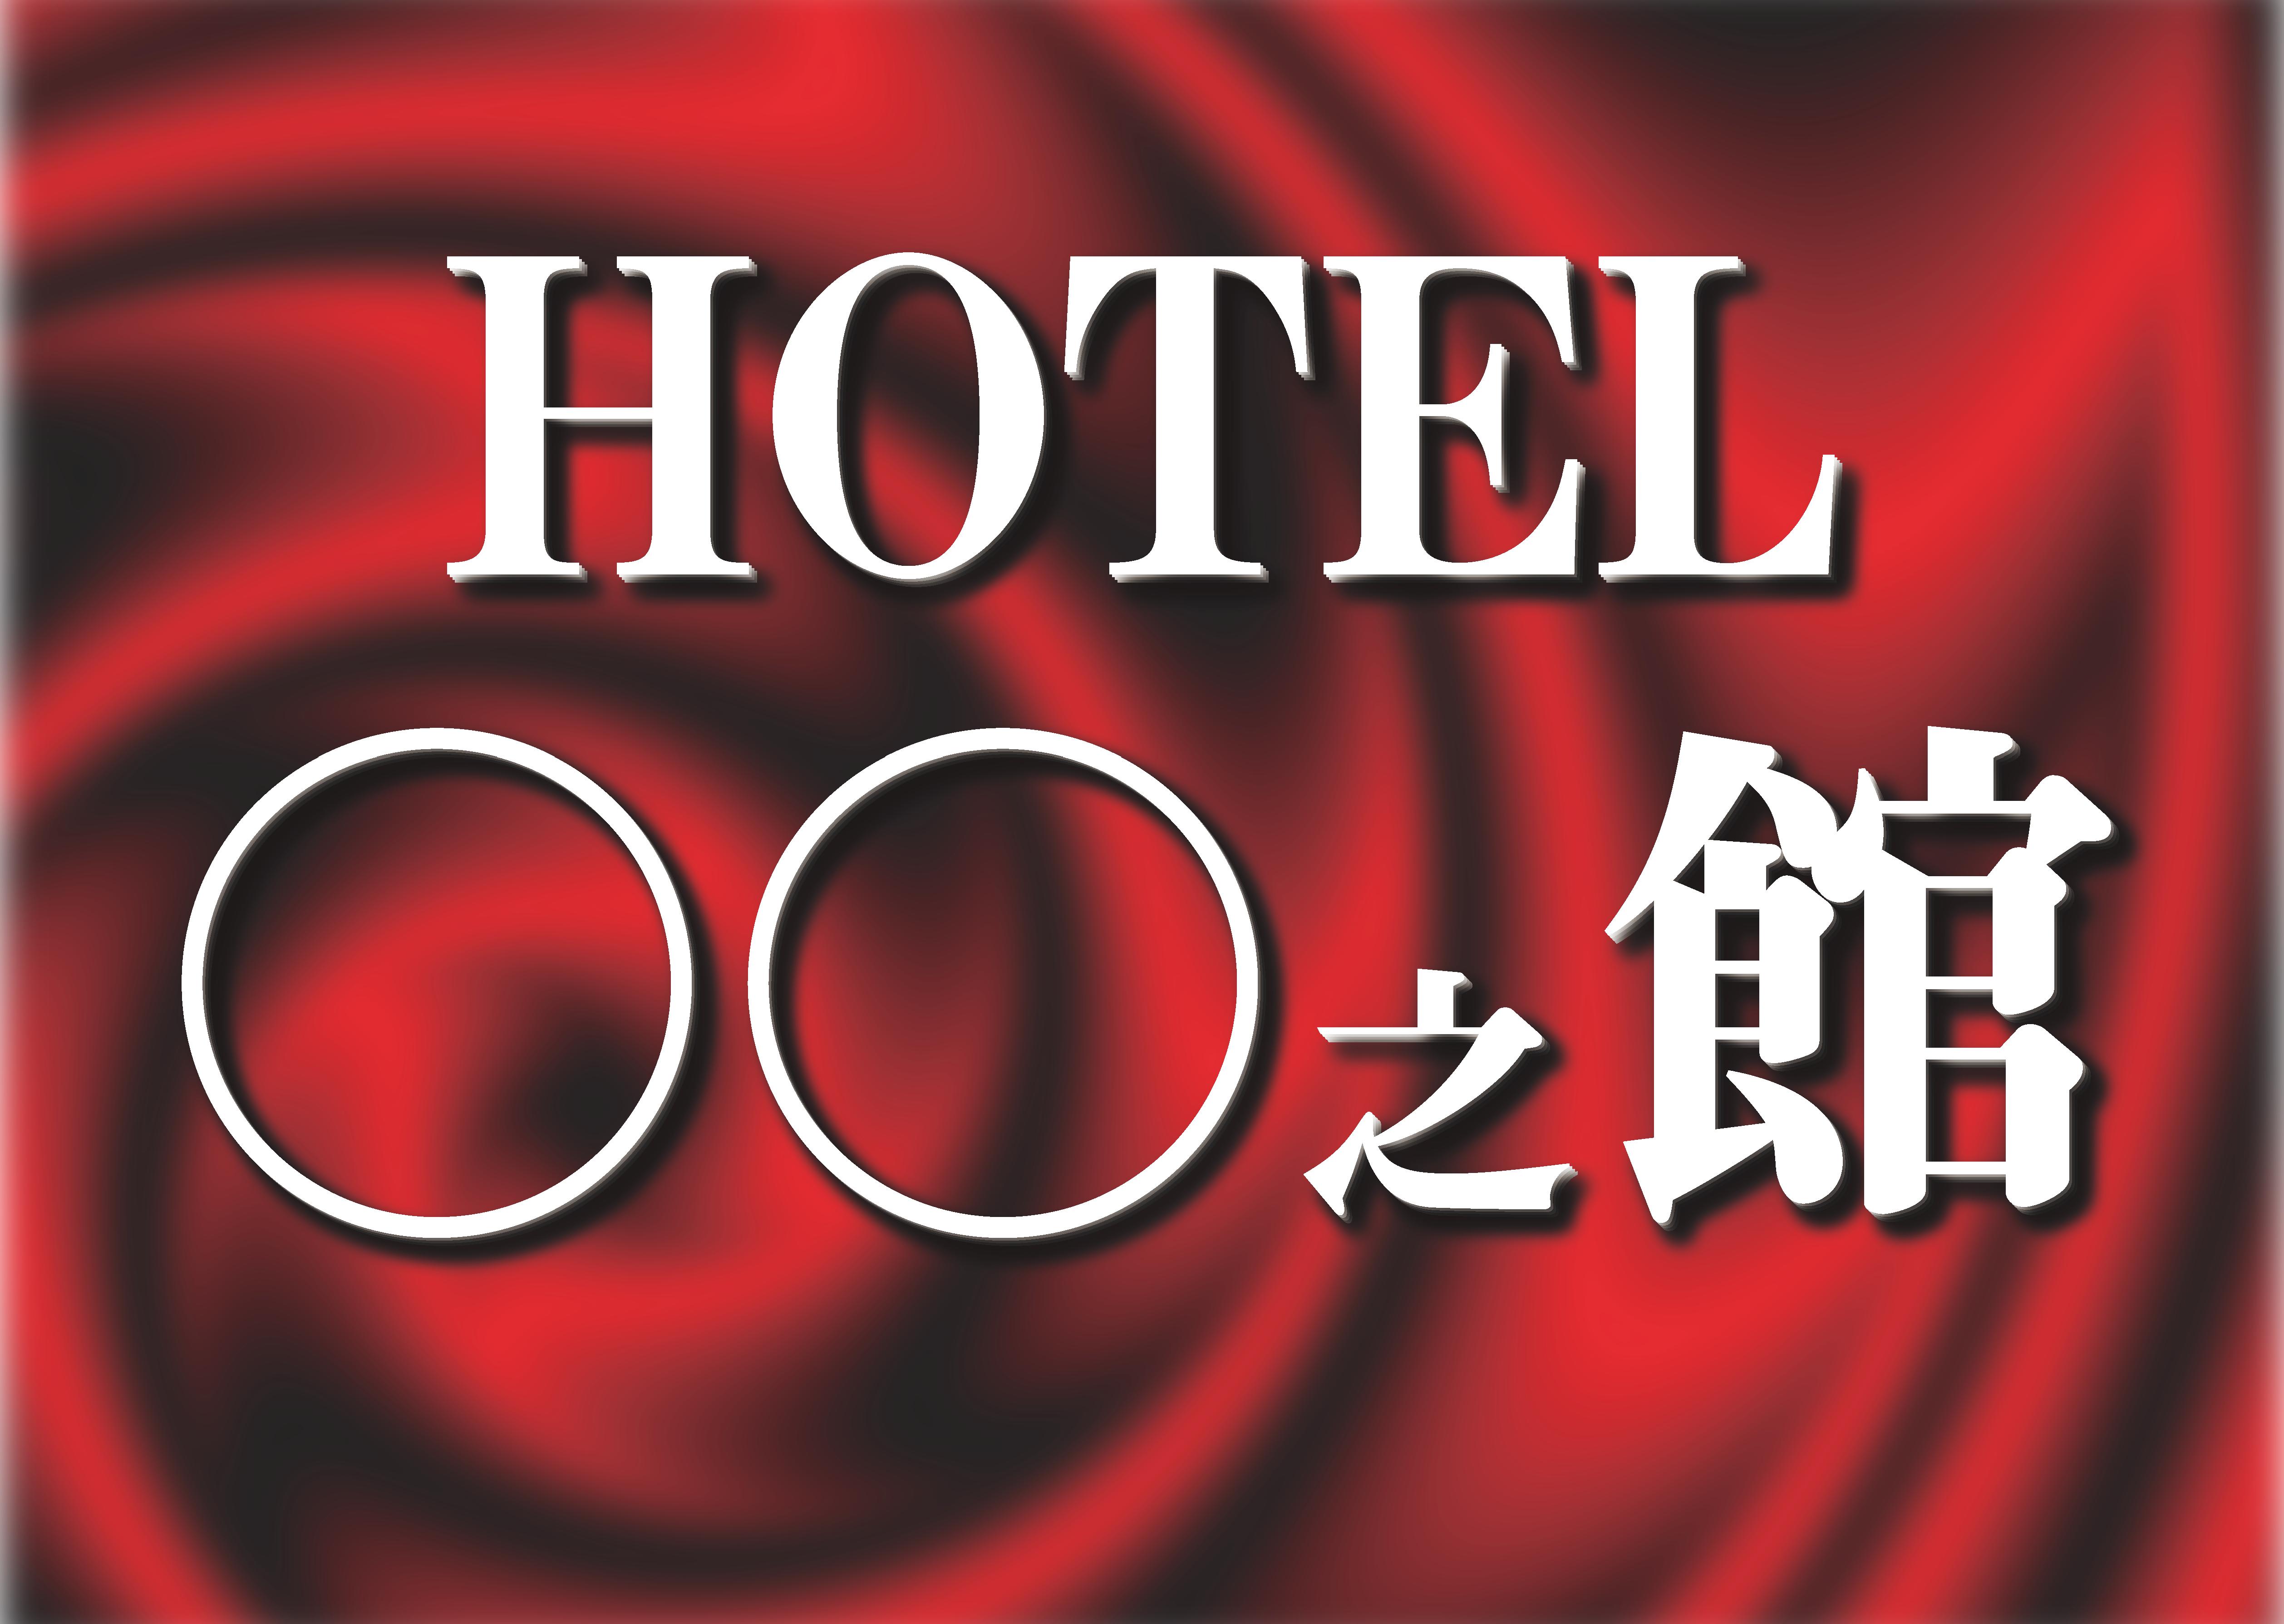 【公式】豊中のラブホテル ホテル 〇〇之館(まるまるのやかた)|旧シャルルマーニュ